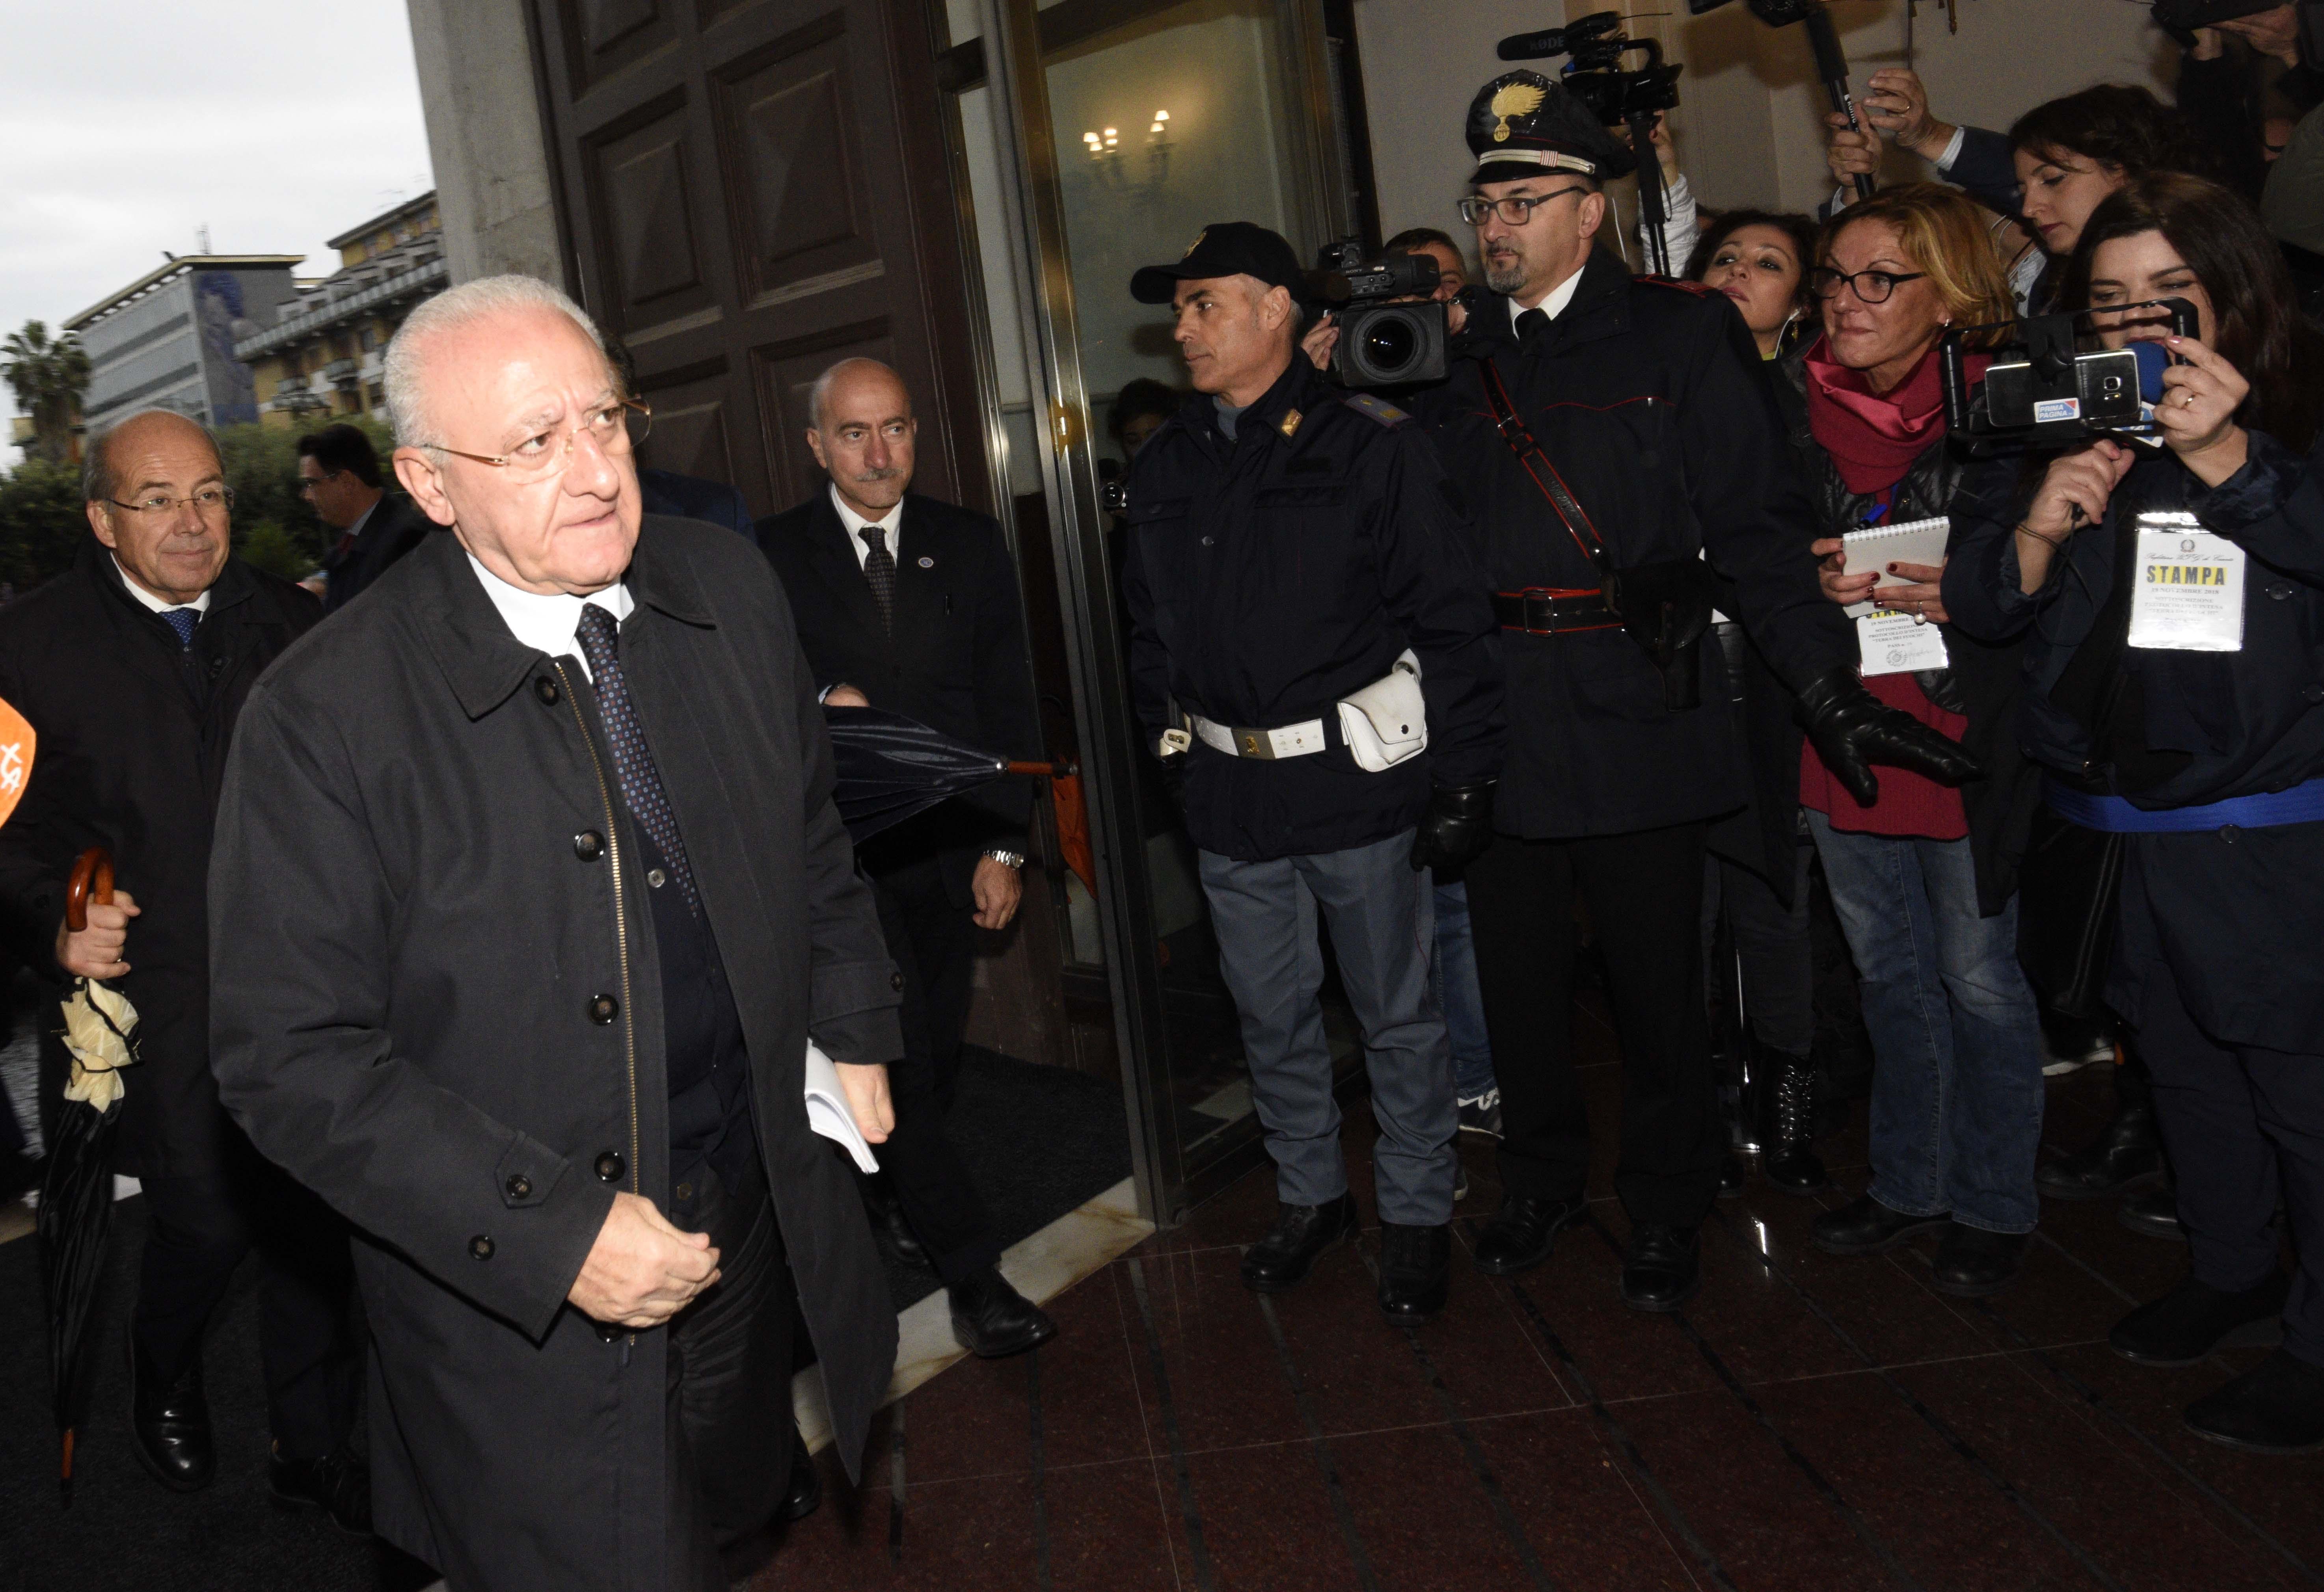 Foto Stefano Cavicchi/LaPresse 19/11/2018 Caserta / CE Politica Rifiuti, governo firma il protocollo per la Terra dei fuochiNella foto: Vincenzo De Luca